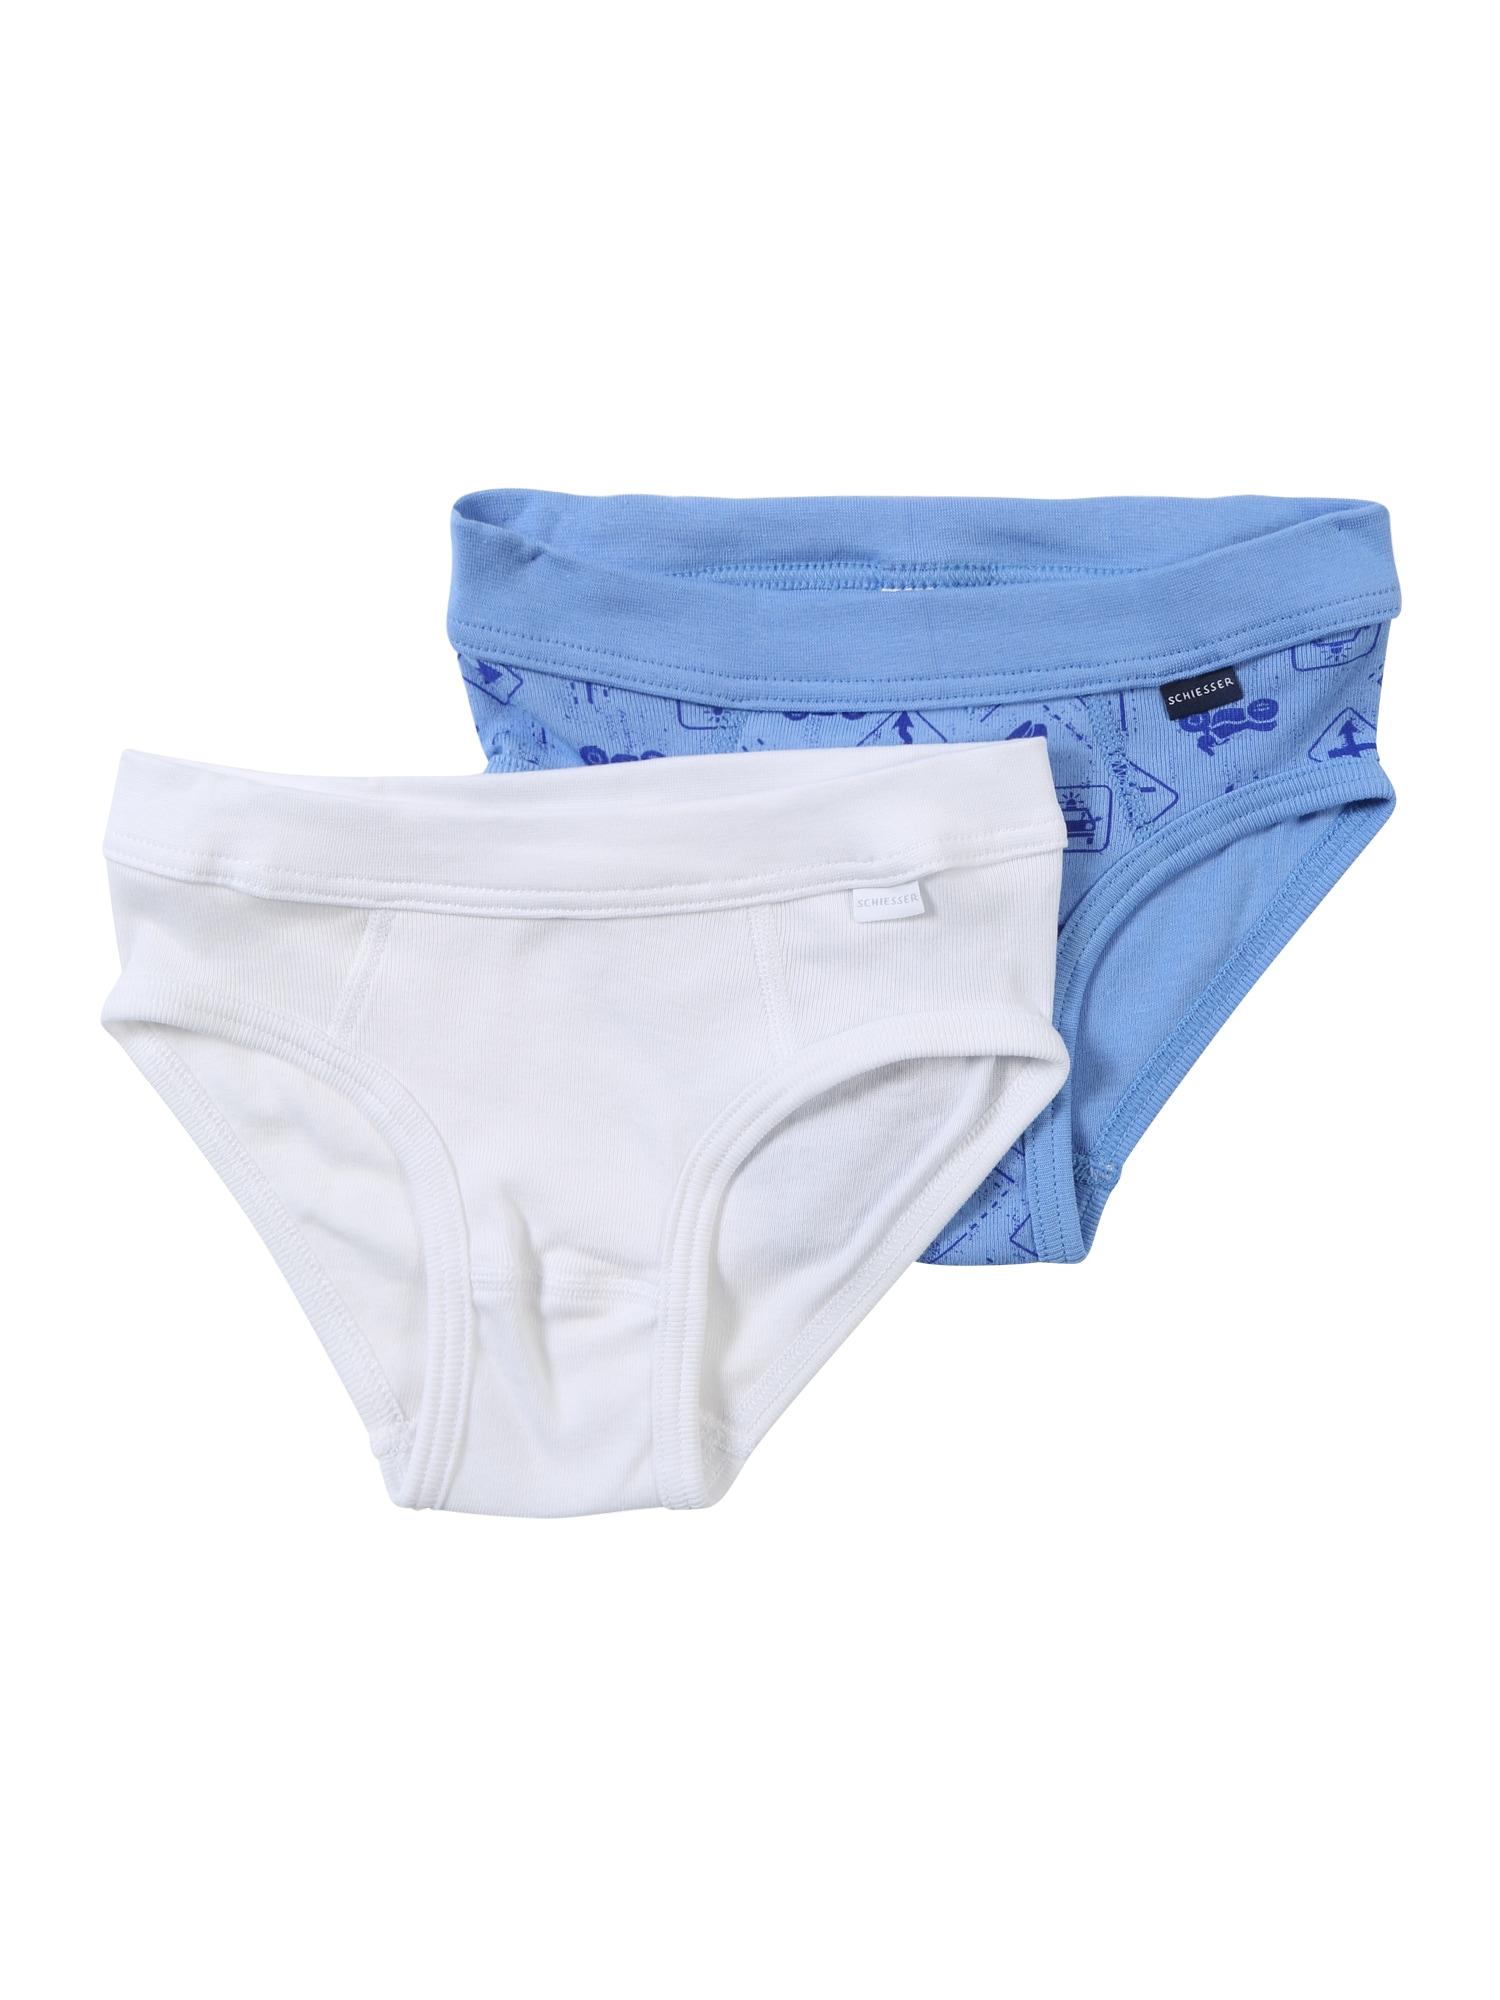 SCHIESSER Spodní prádlo  modrá / bílá